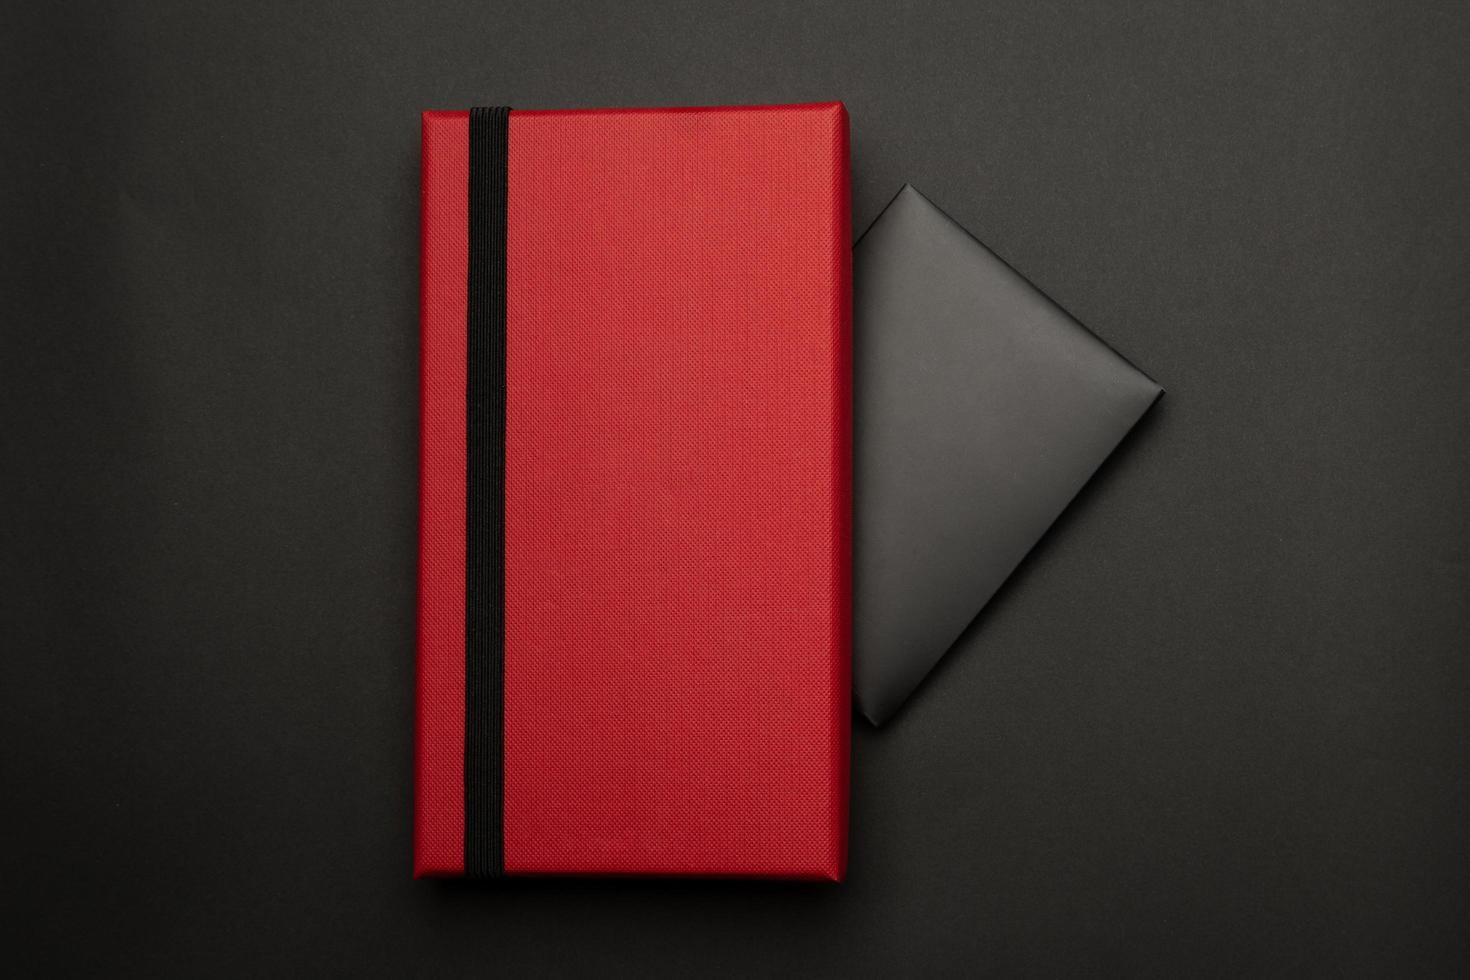 rote Geschenkbox mit schwarzer Umschlagkarte foto